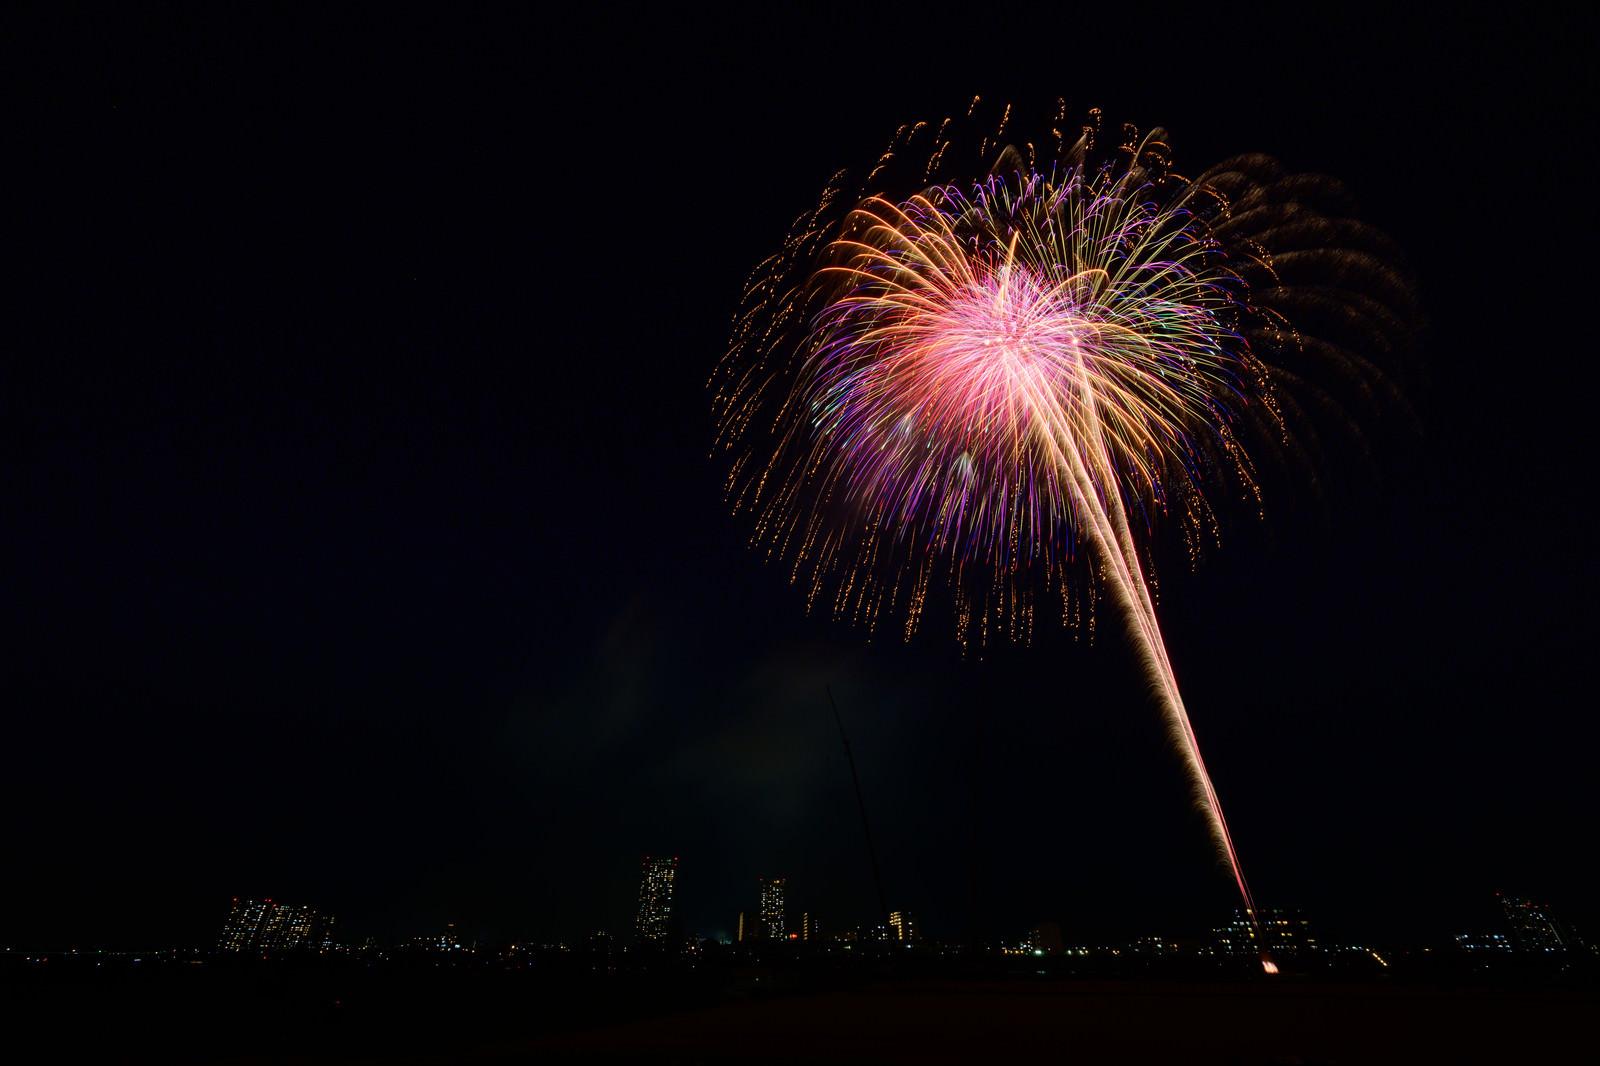 「ヒュルルルル と打ち上がる花火」の写真